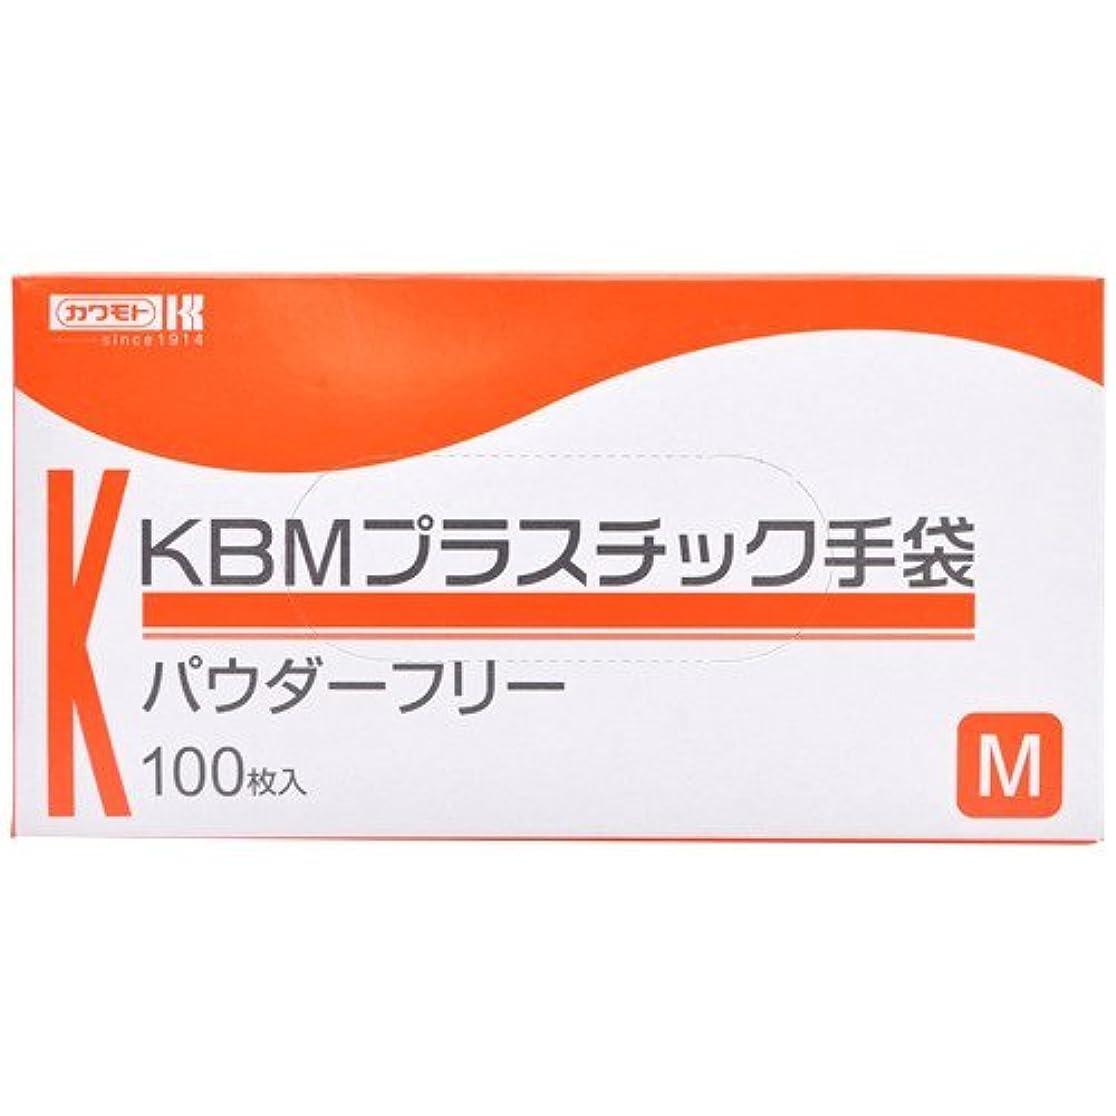 鉛筆工業用市の中心部川本産業 KBMプラスチック手袋 パウダーフリー M 100枚入